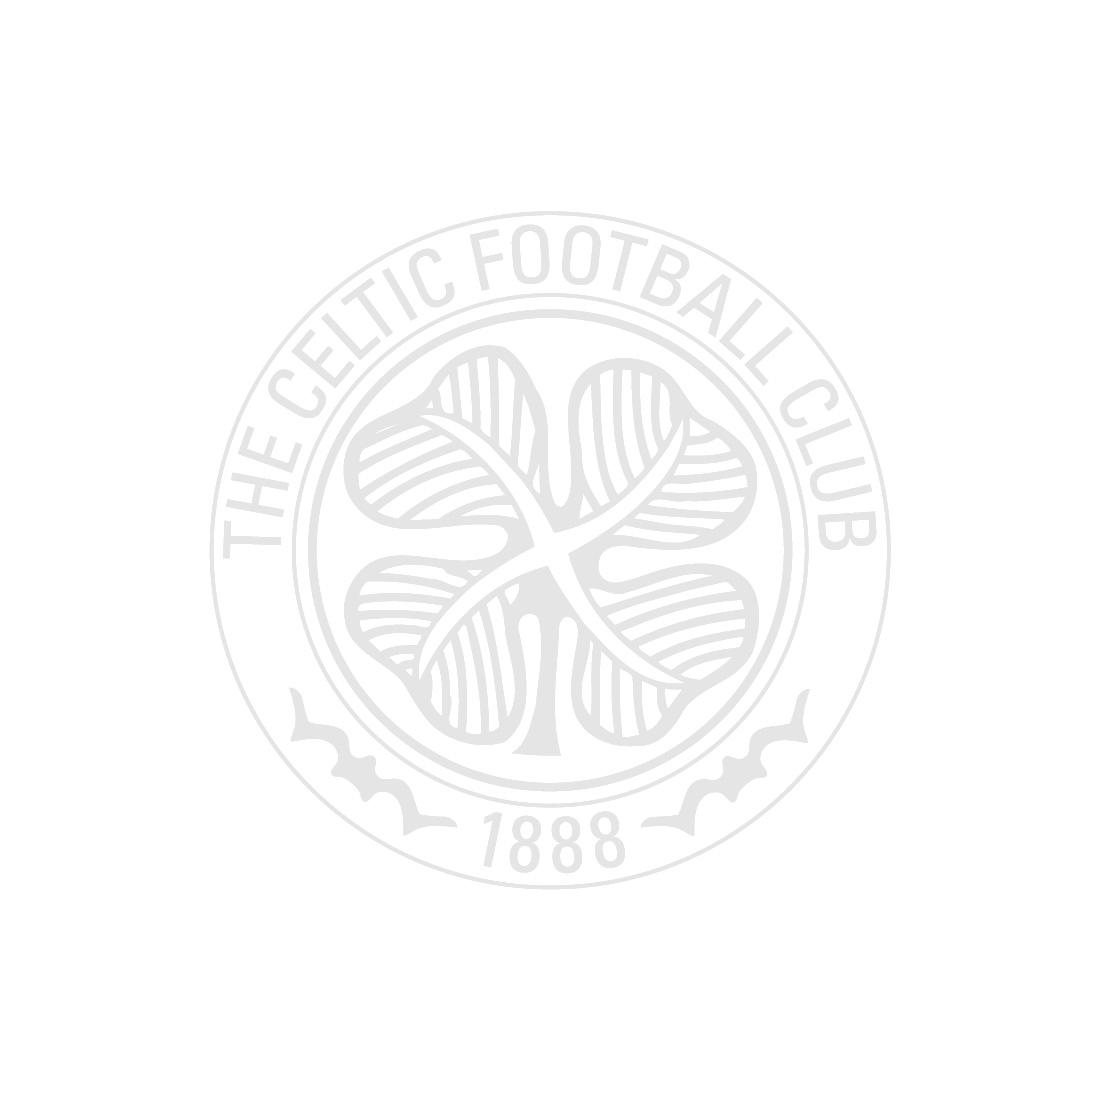 Celtic Fairisle Cuff Tab Beanie